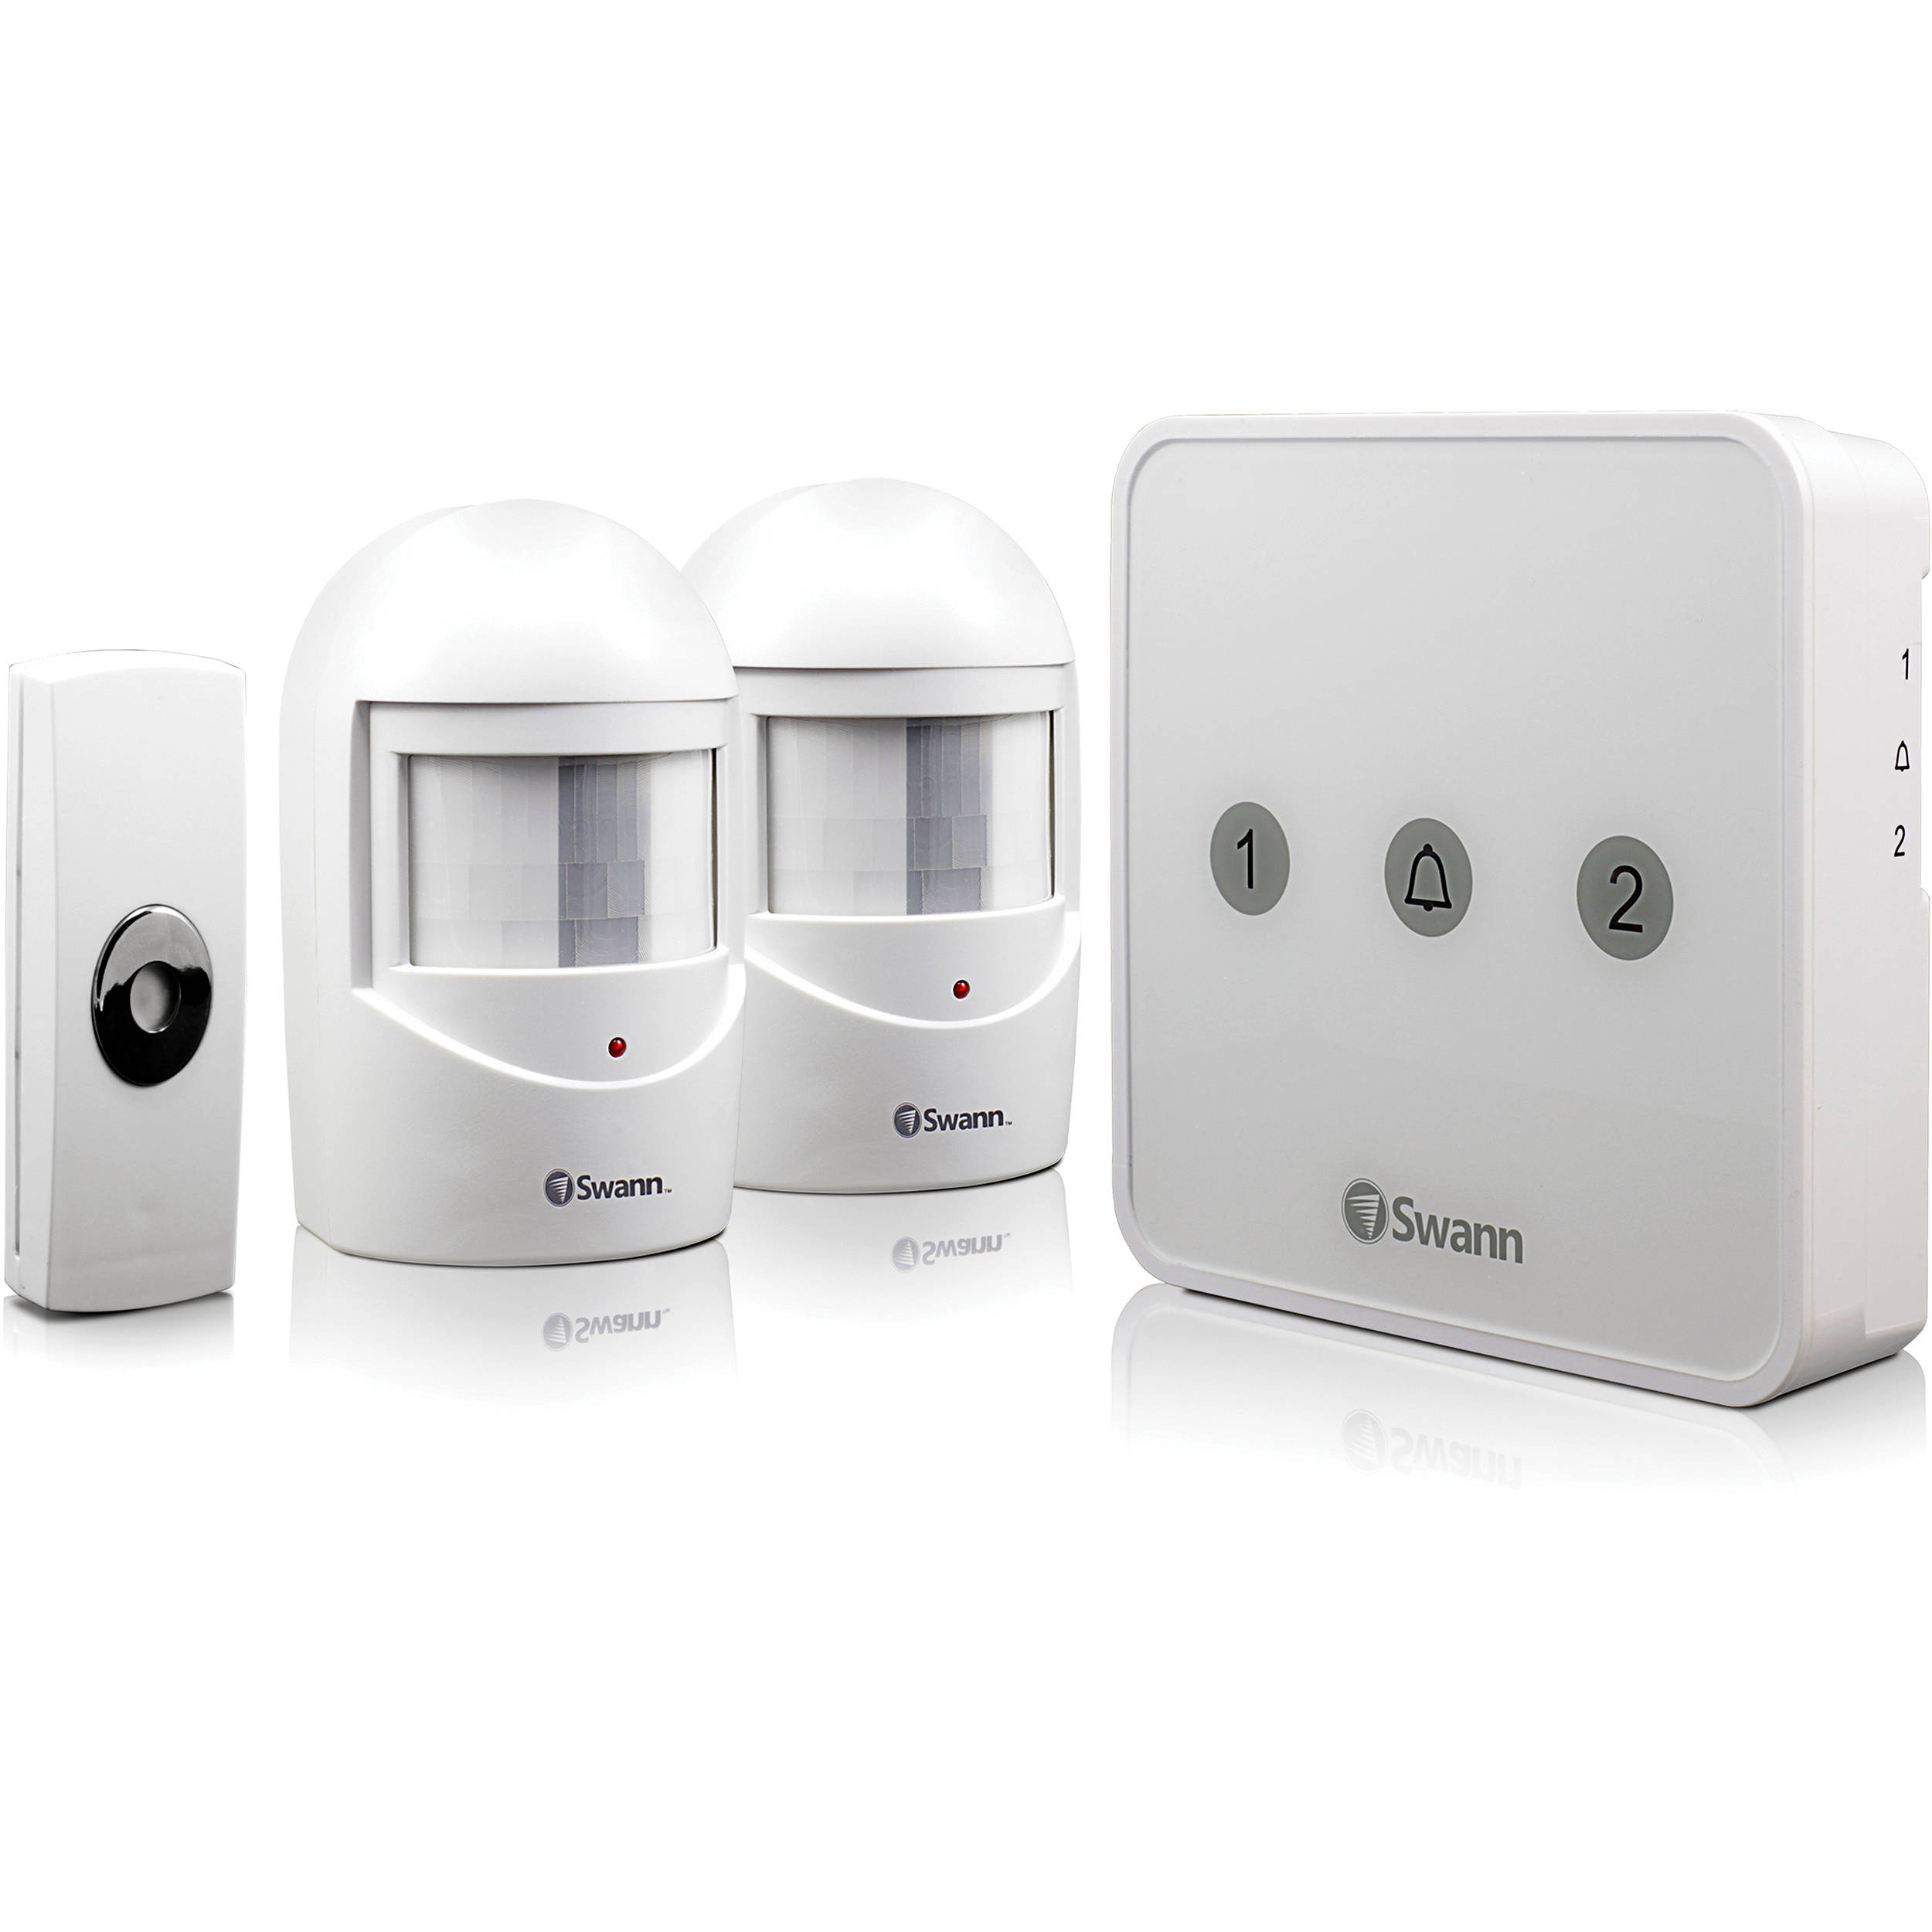 Swann Add-On PIR Alert Sensor Motion Detector White